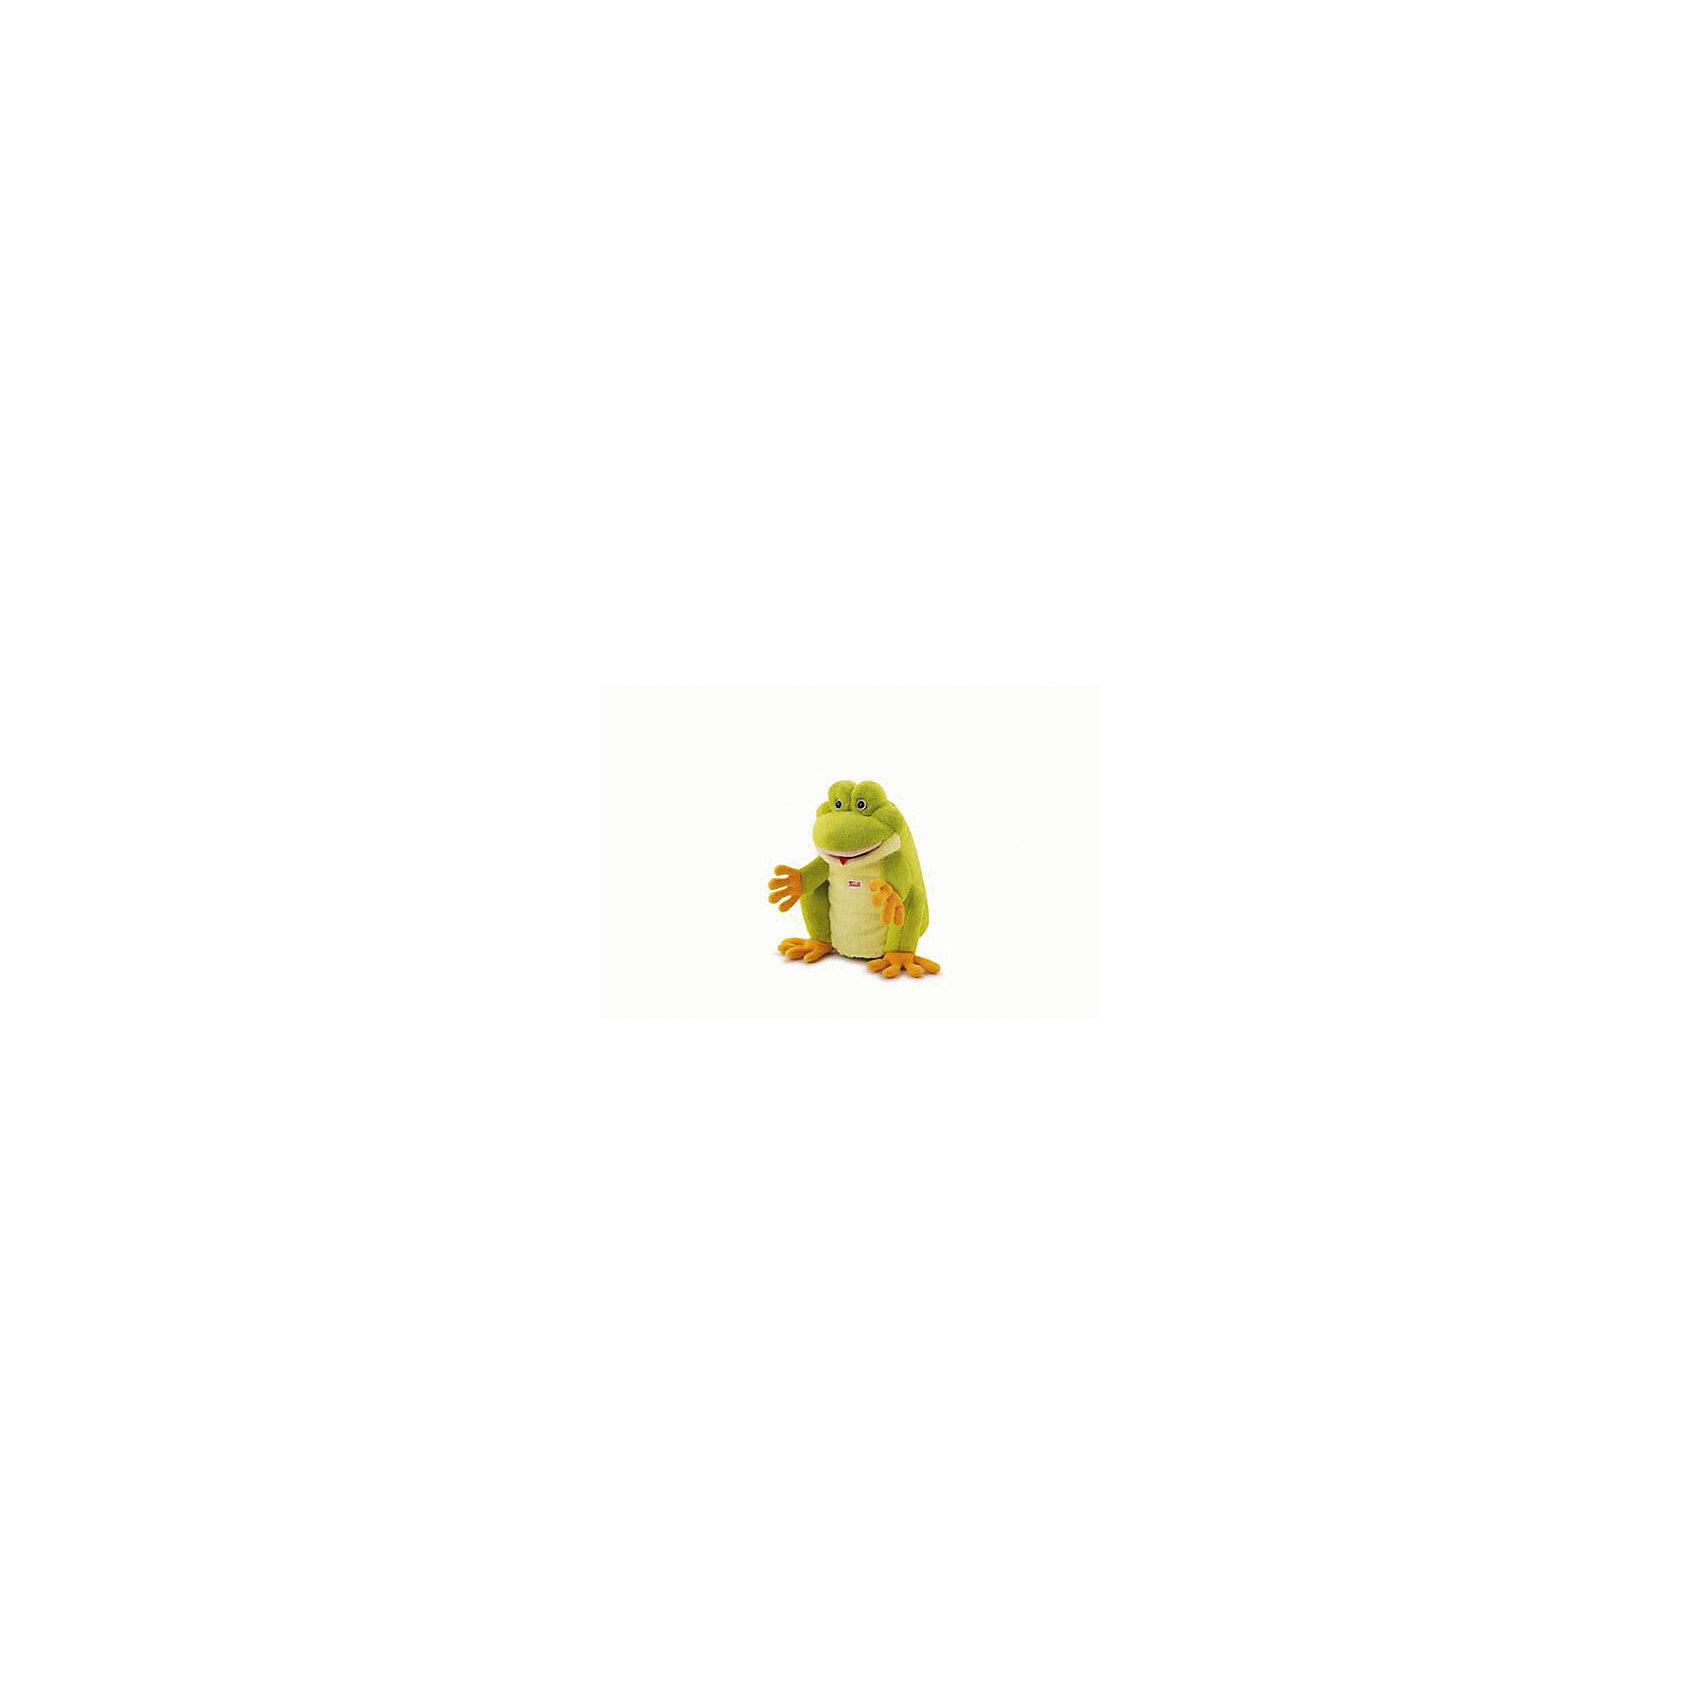 Мягкая игрушка на руку Лягушка, 25 см, TrudiМягкие игрушки на руку<br>Мягкая игрушка на руку Лягушка, 25 см от популярного итальянского бренда Trudi (Труди) сделает ваш домашний кукольный театр еще более правдоподобным. Качественно выполненная игрушка в виде забавной лягушки поможет проиграть множество постановок и придумать много своих историй. Также ребенок может играть с крокодилом как с обычной мягкой игрушкой. Игрушка поможет развить воображение, навыки общения, моторику рук.  <br>Дополнительная информация:<br><br>- Состав: текстиль<br>- Размер: 25 см. <br>- Вес: 150 гр.<br><br>Мягкую игрушку на руку Лягушка, 25 см, Trudi (Труди) можно купить в нашем интернет-магазине.<br>Подробнее:<br>• Для детей в возрасте: от 12 месяцев до 8 лет.<br>• Номер товара: 5055272<br>Страна производитель: Китай<br><br>Ширина мм: 130<br>Глубина мм: 190<br>Высота мм: 250<br>Вес г: 120<br>Возраст от месяцев: 12<br>Возраст до месяцев: 2147483647<br>Пол: Унисекс<br>Возраст: Детский<br>SKU: 5055272